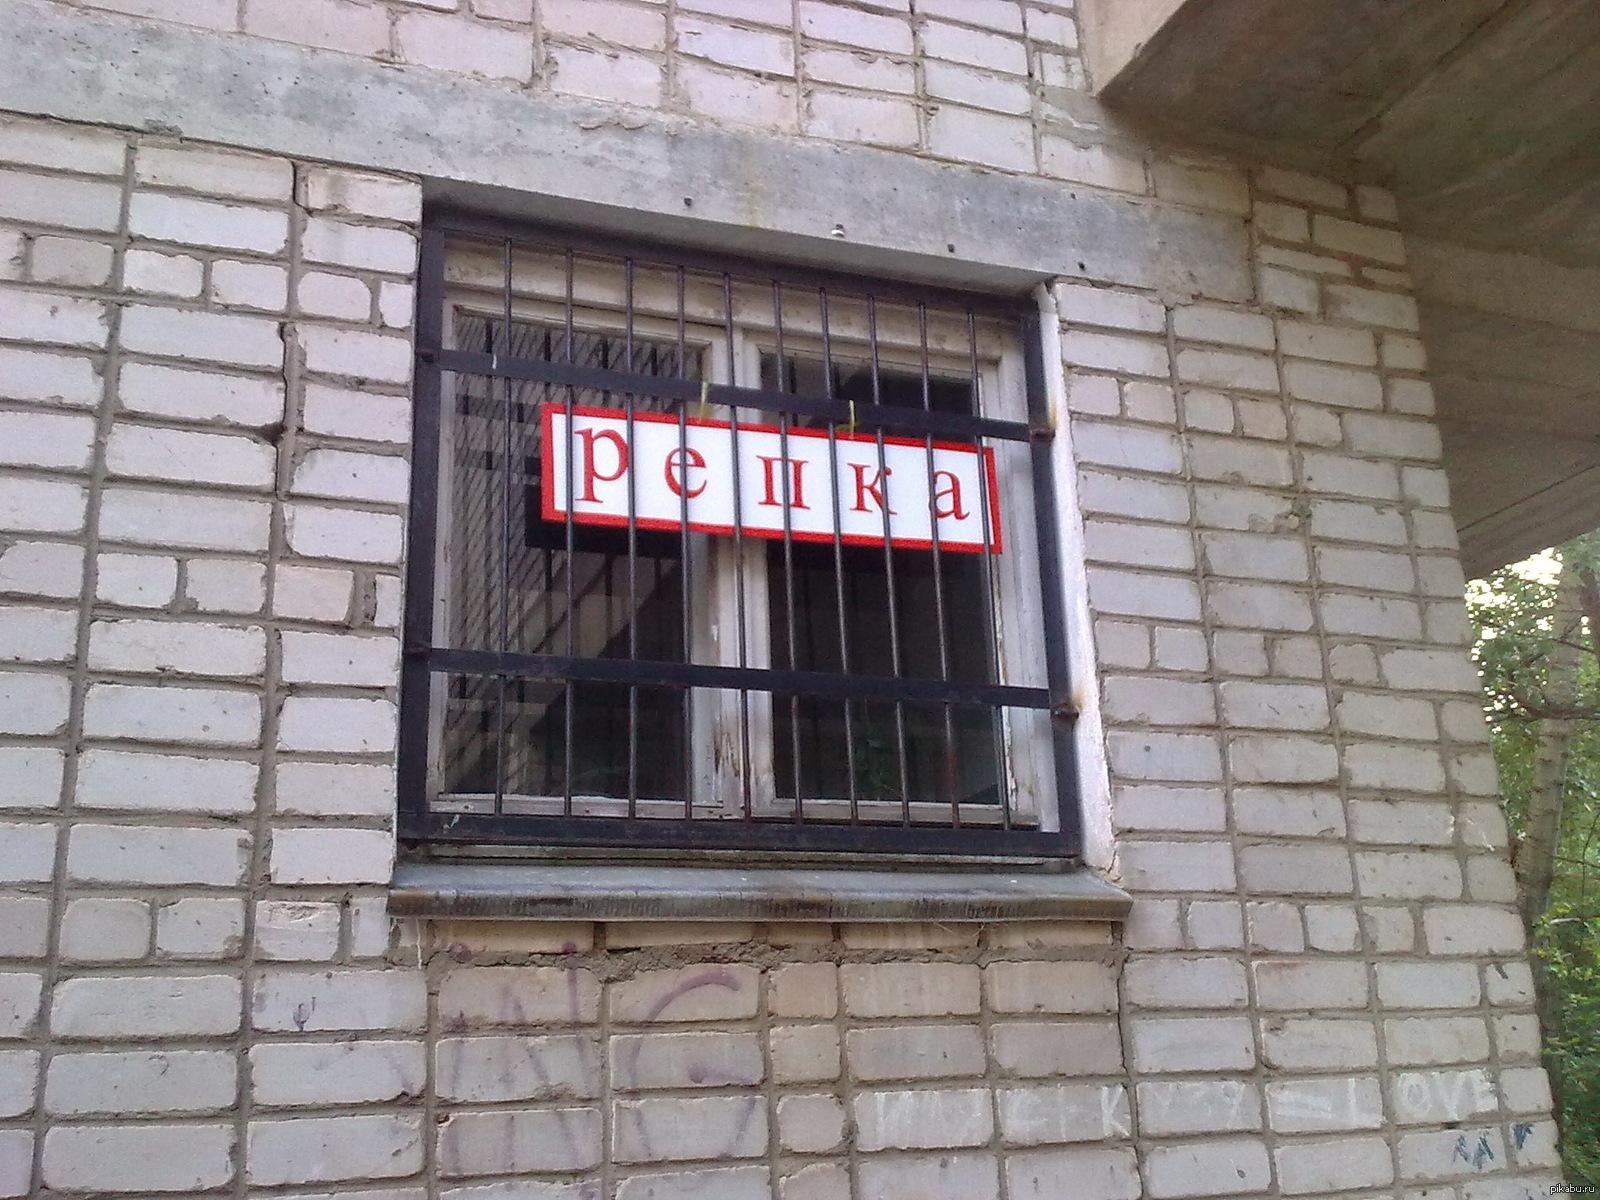 Налоговики заблокировали работу интернет-магазина Repka.ua - Цензор.НЕТ 9815